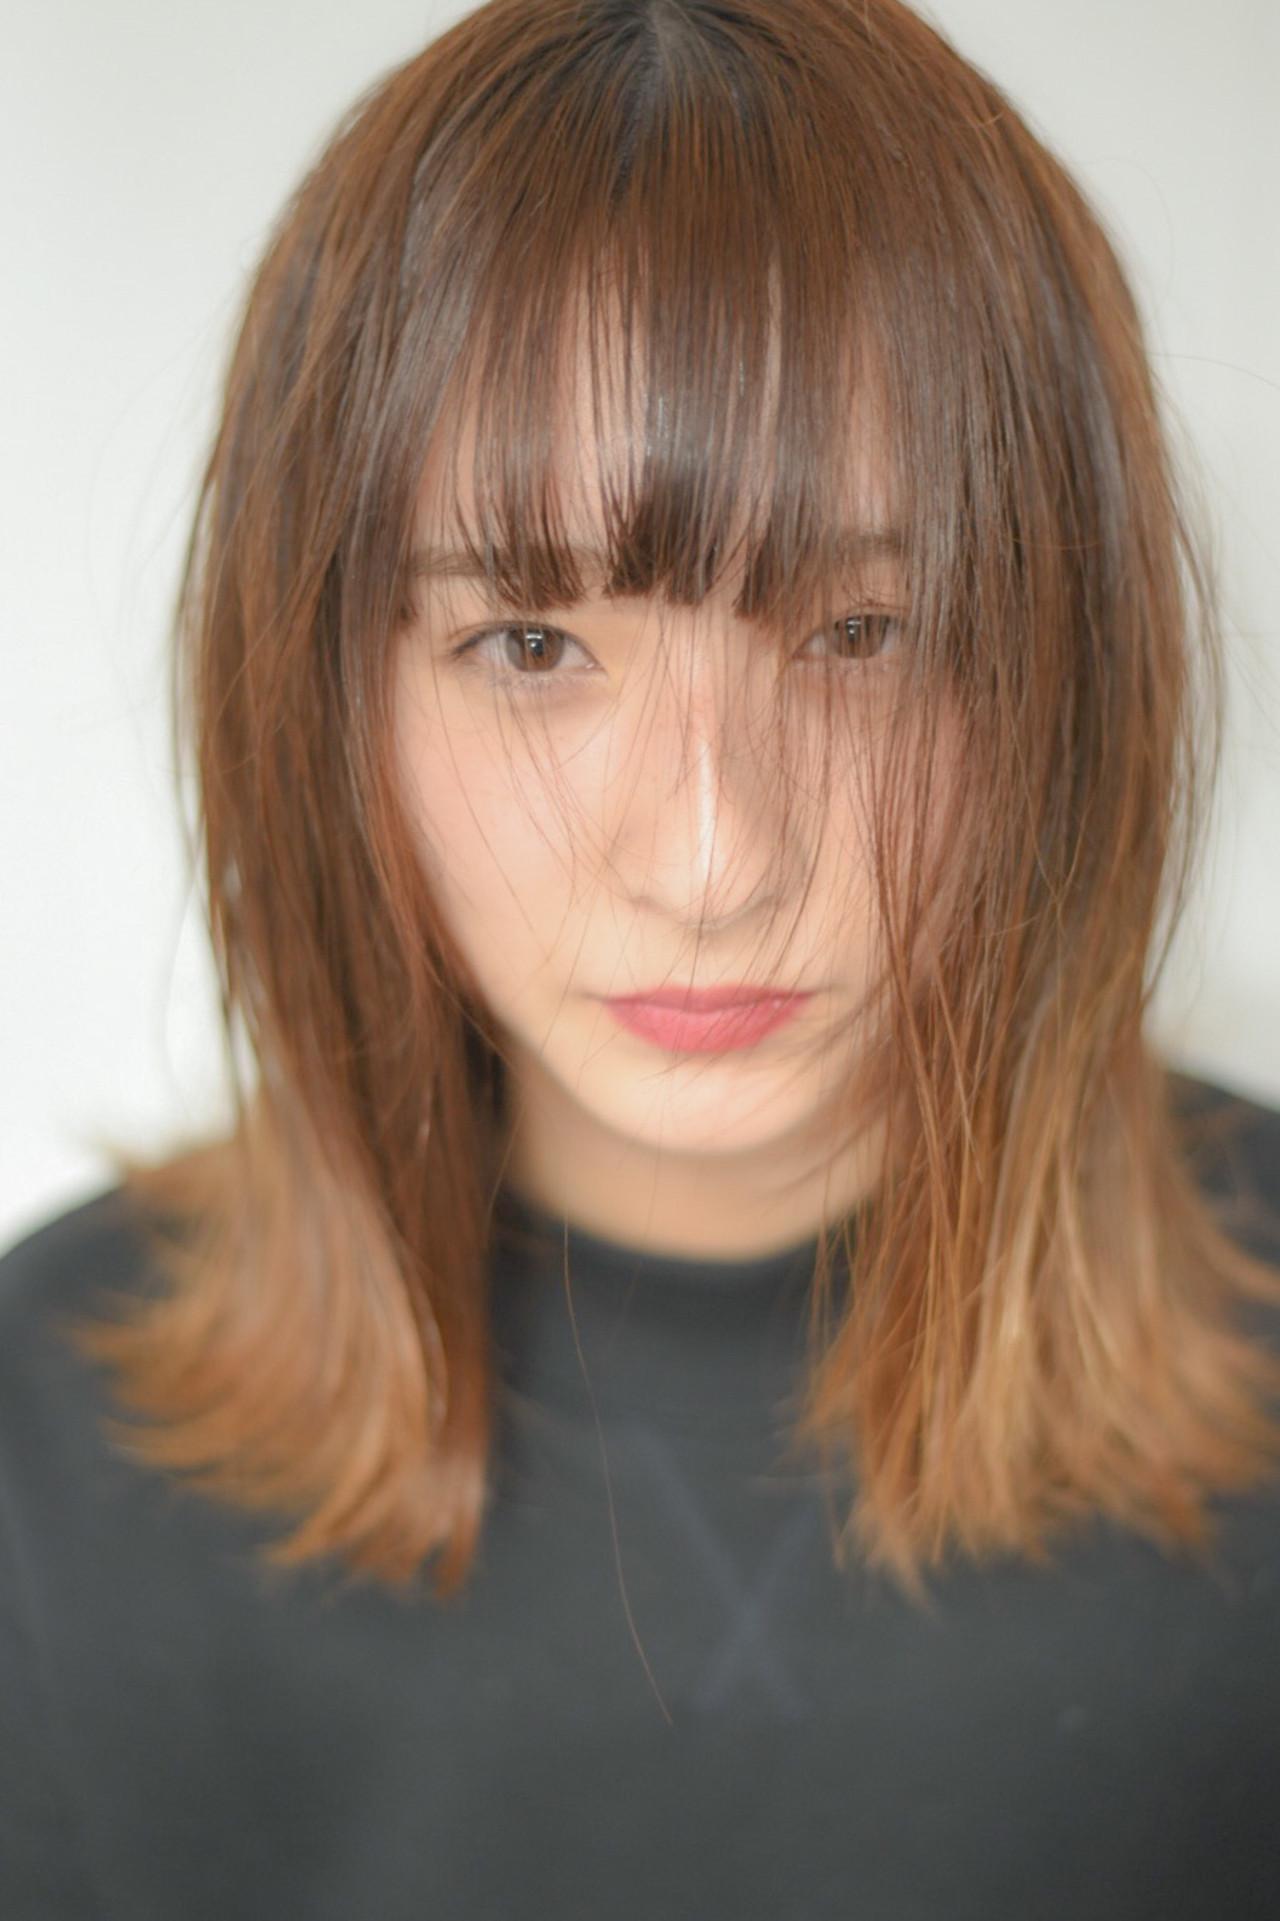 アンニュイほつれヘア ストリート こなれ感 抜け感 ヘアスタイルや髪型の写真・画像